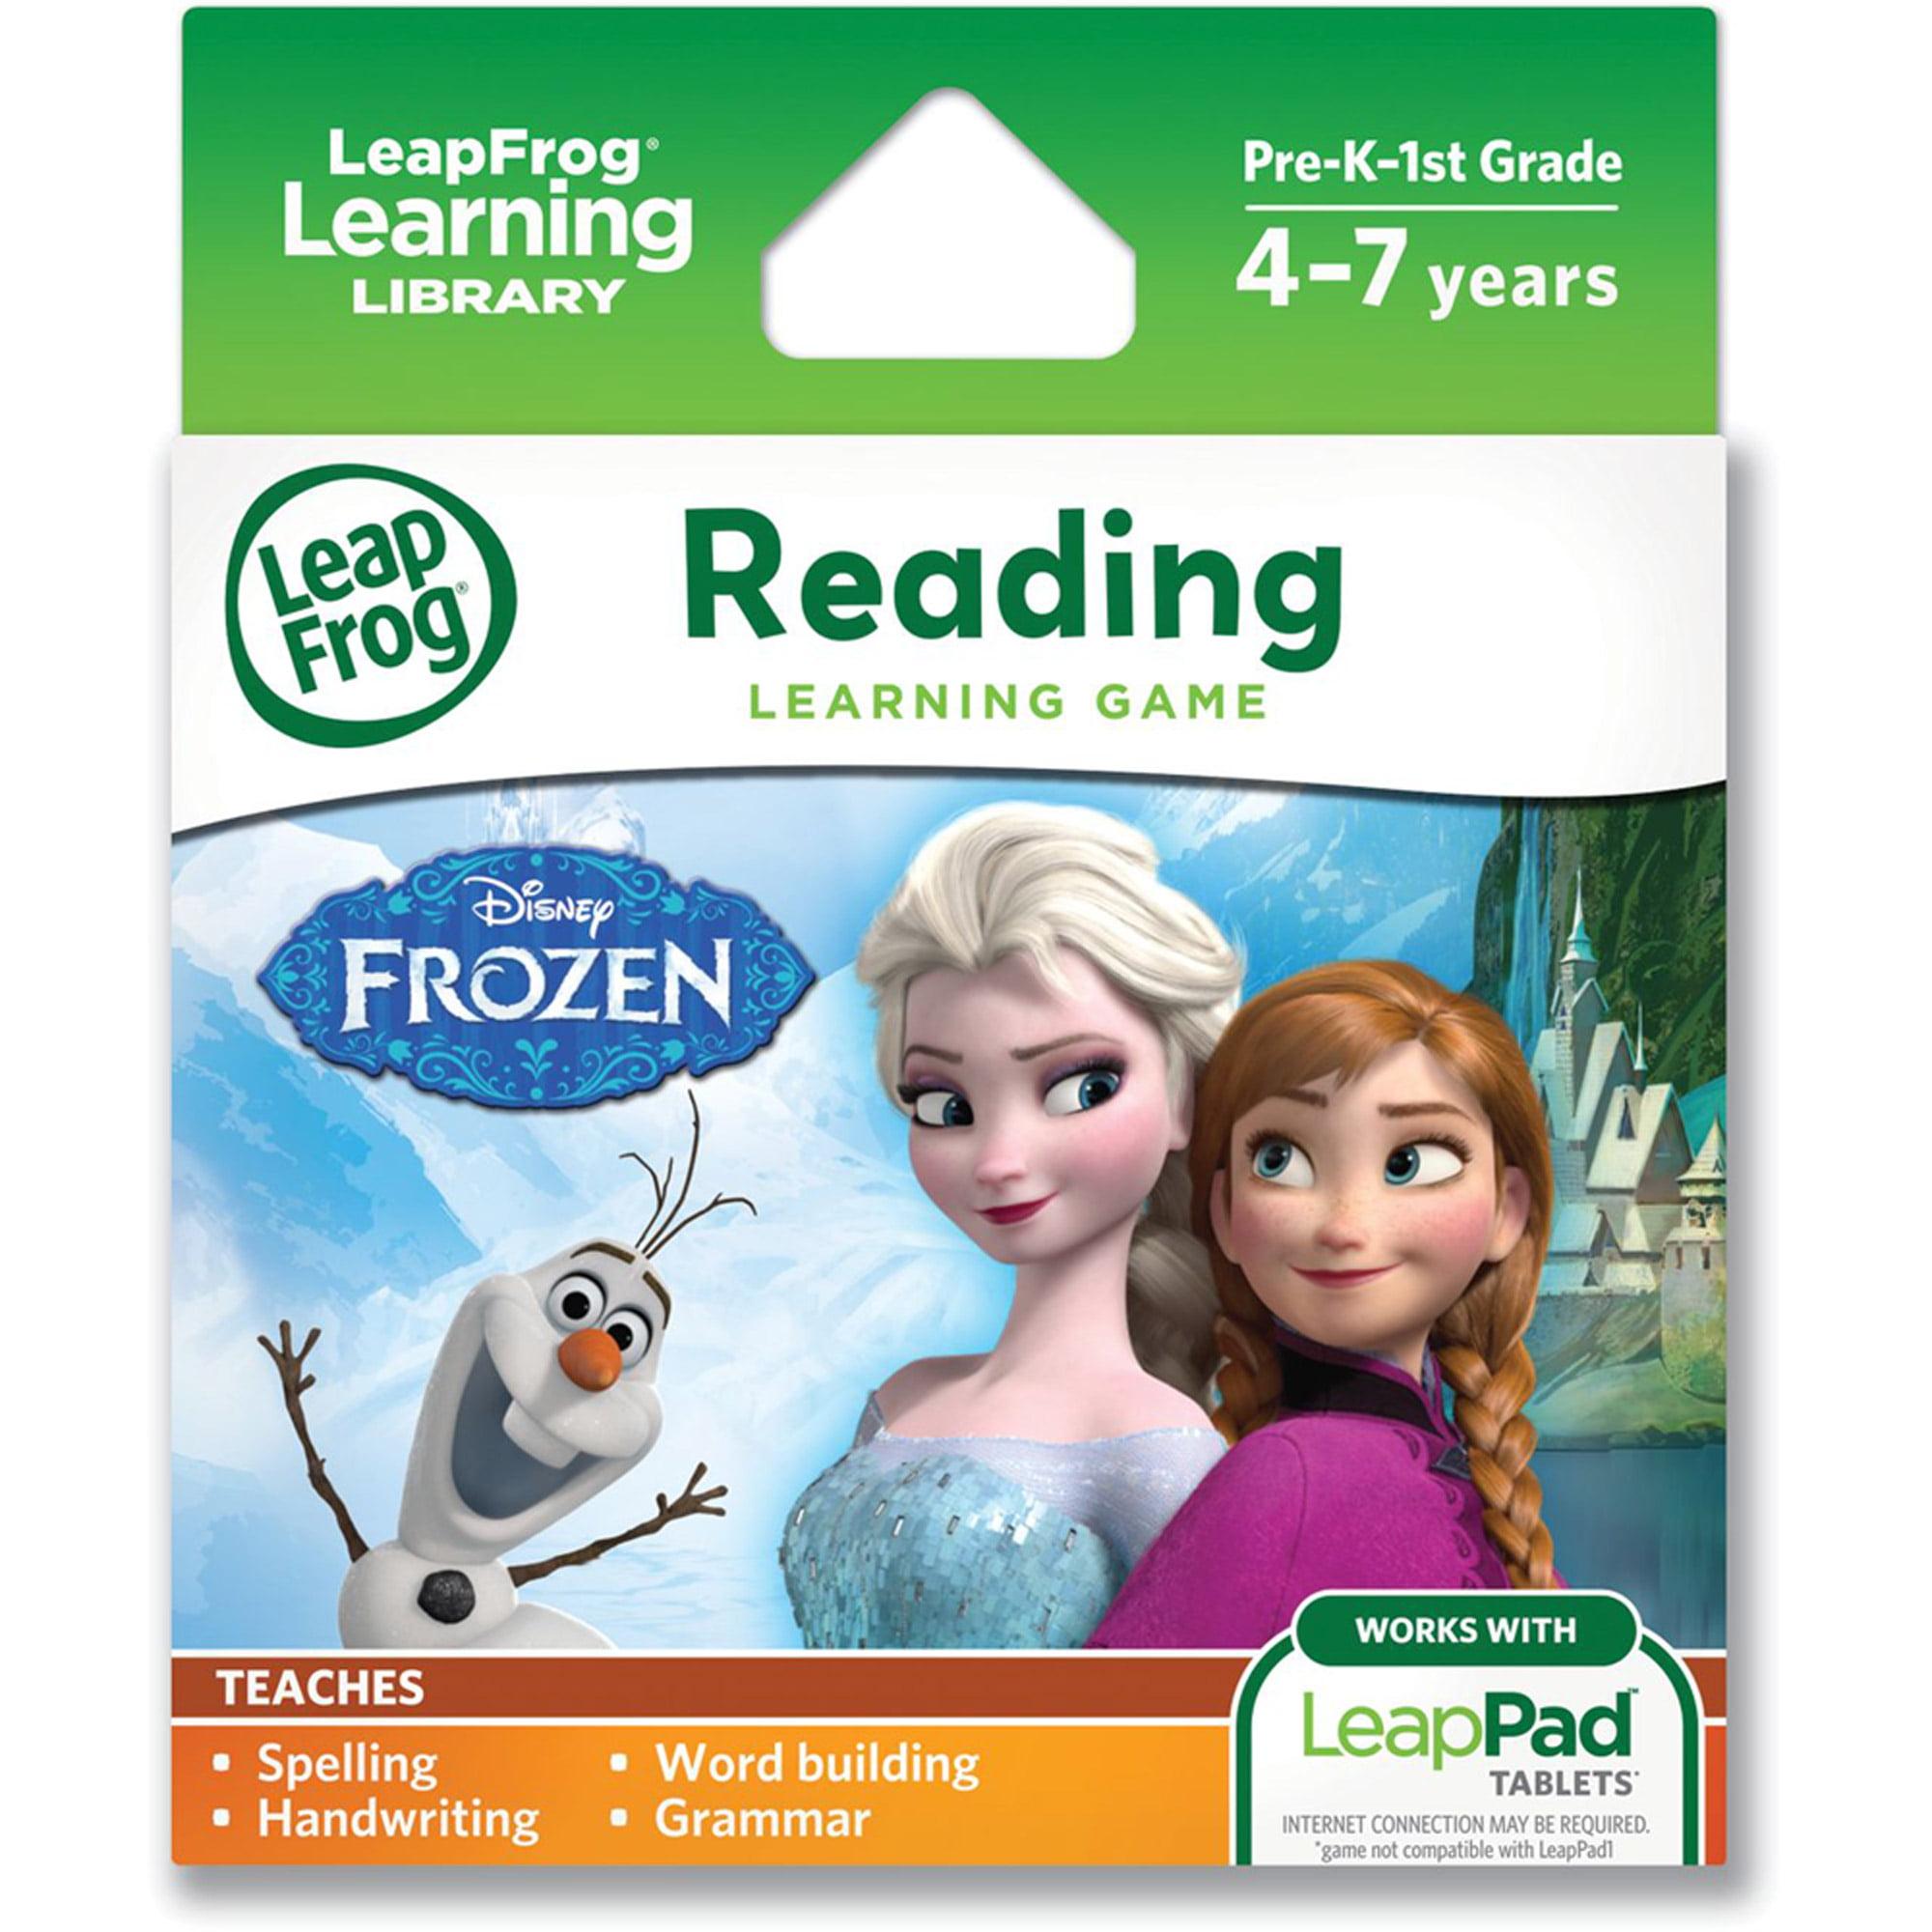 LeapFrog Disney Frozen Learning Game (for LeapPad Tablets) by LeapFrog